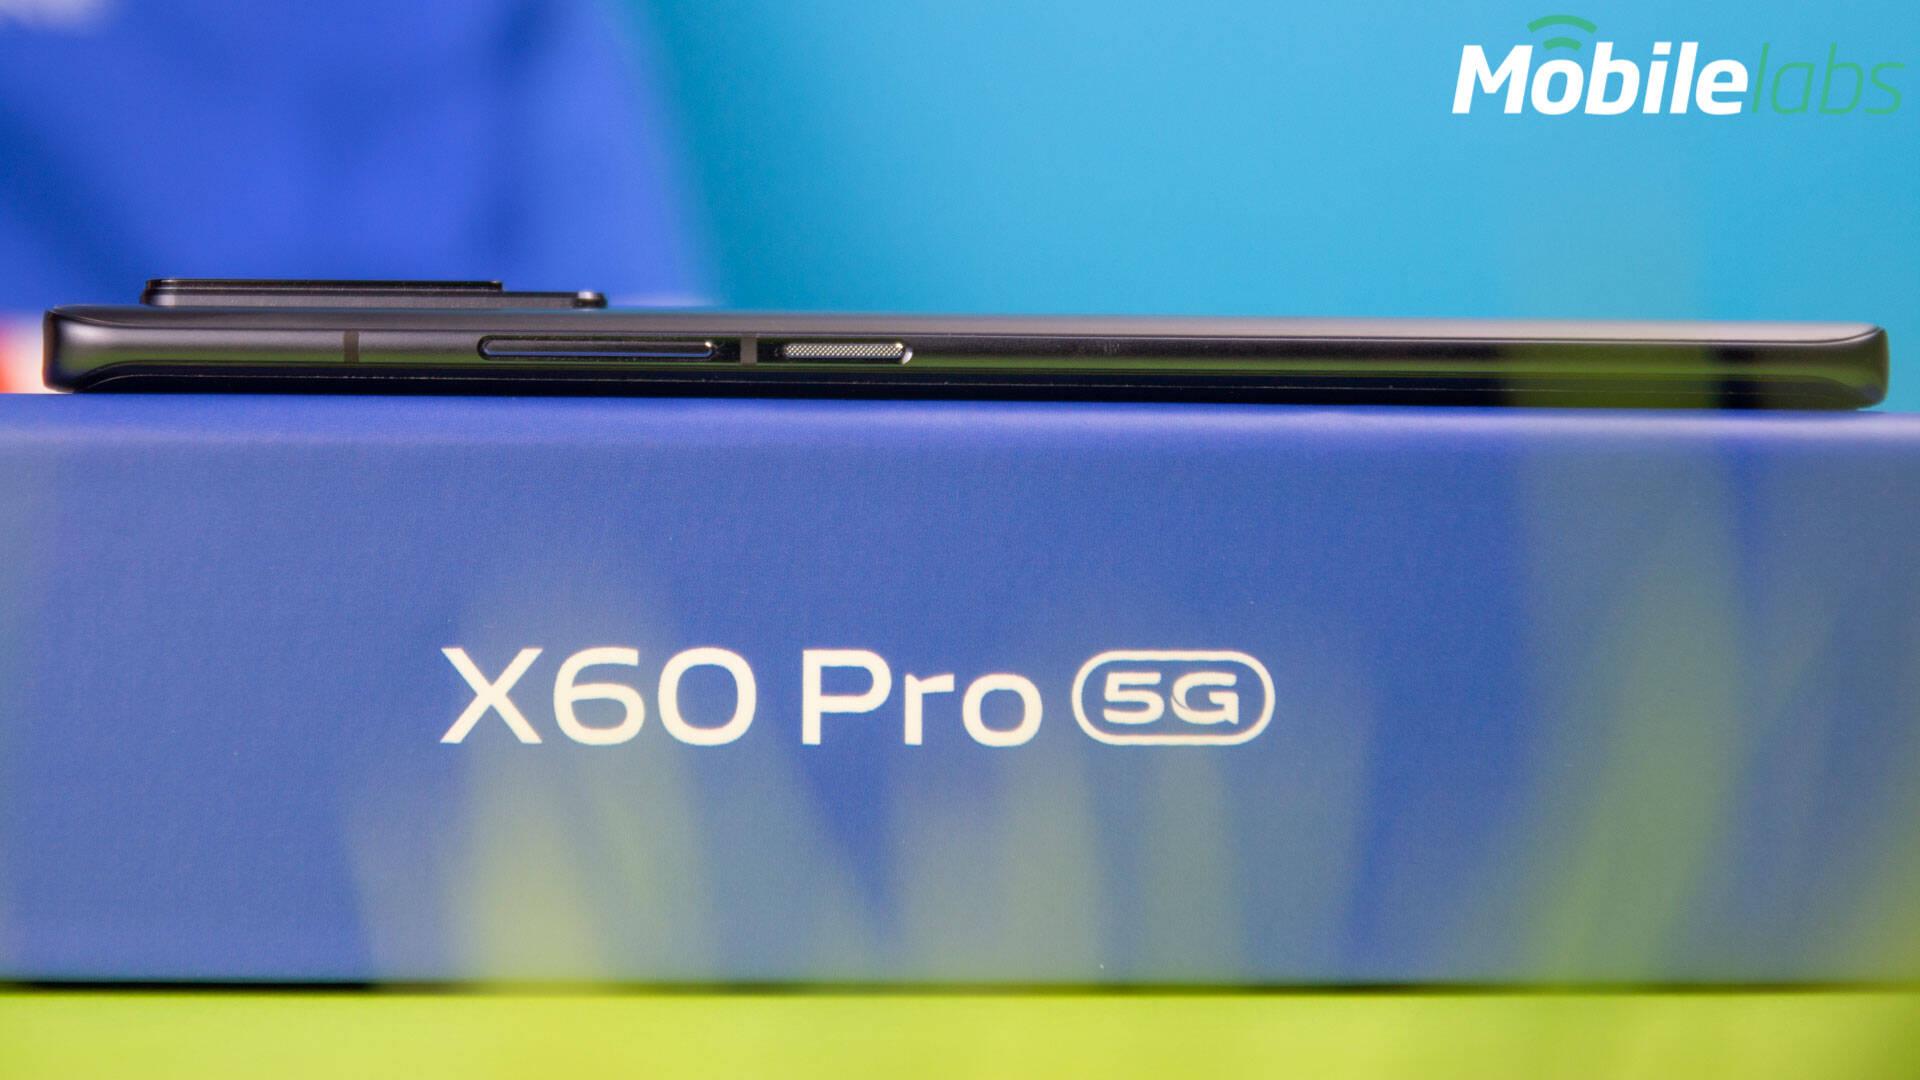 Vivo - X60 Pro